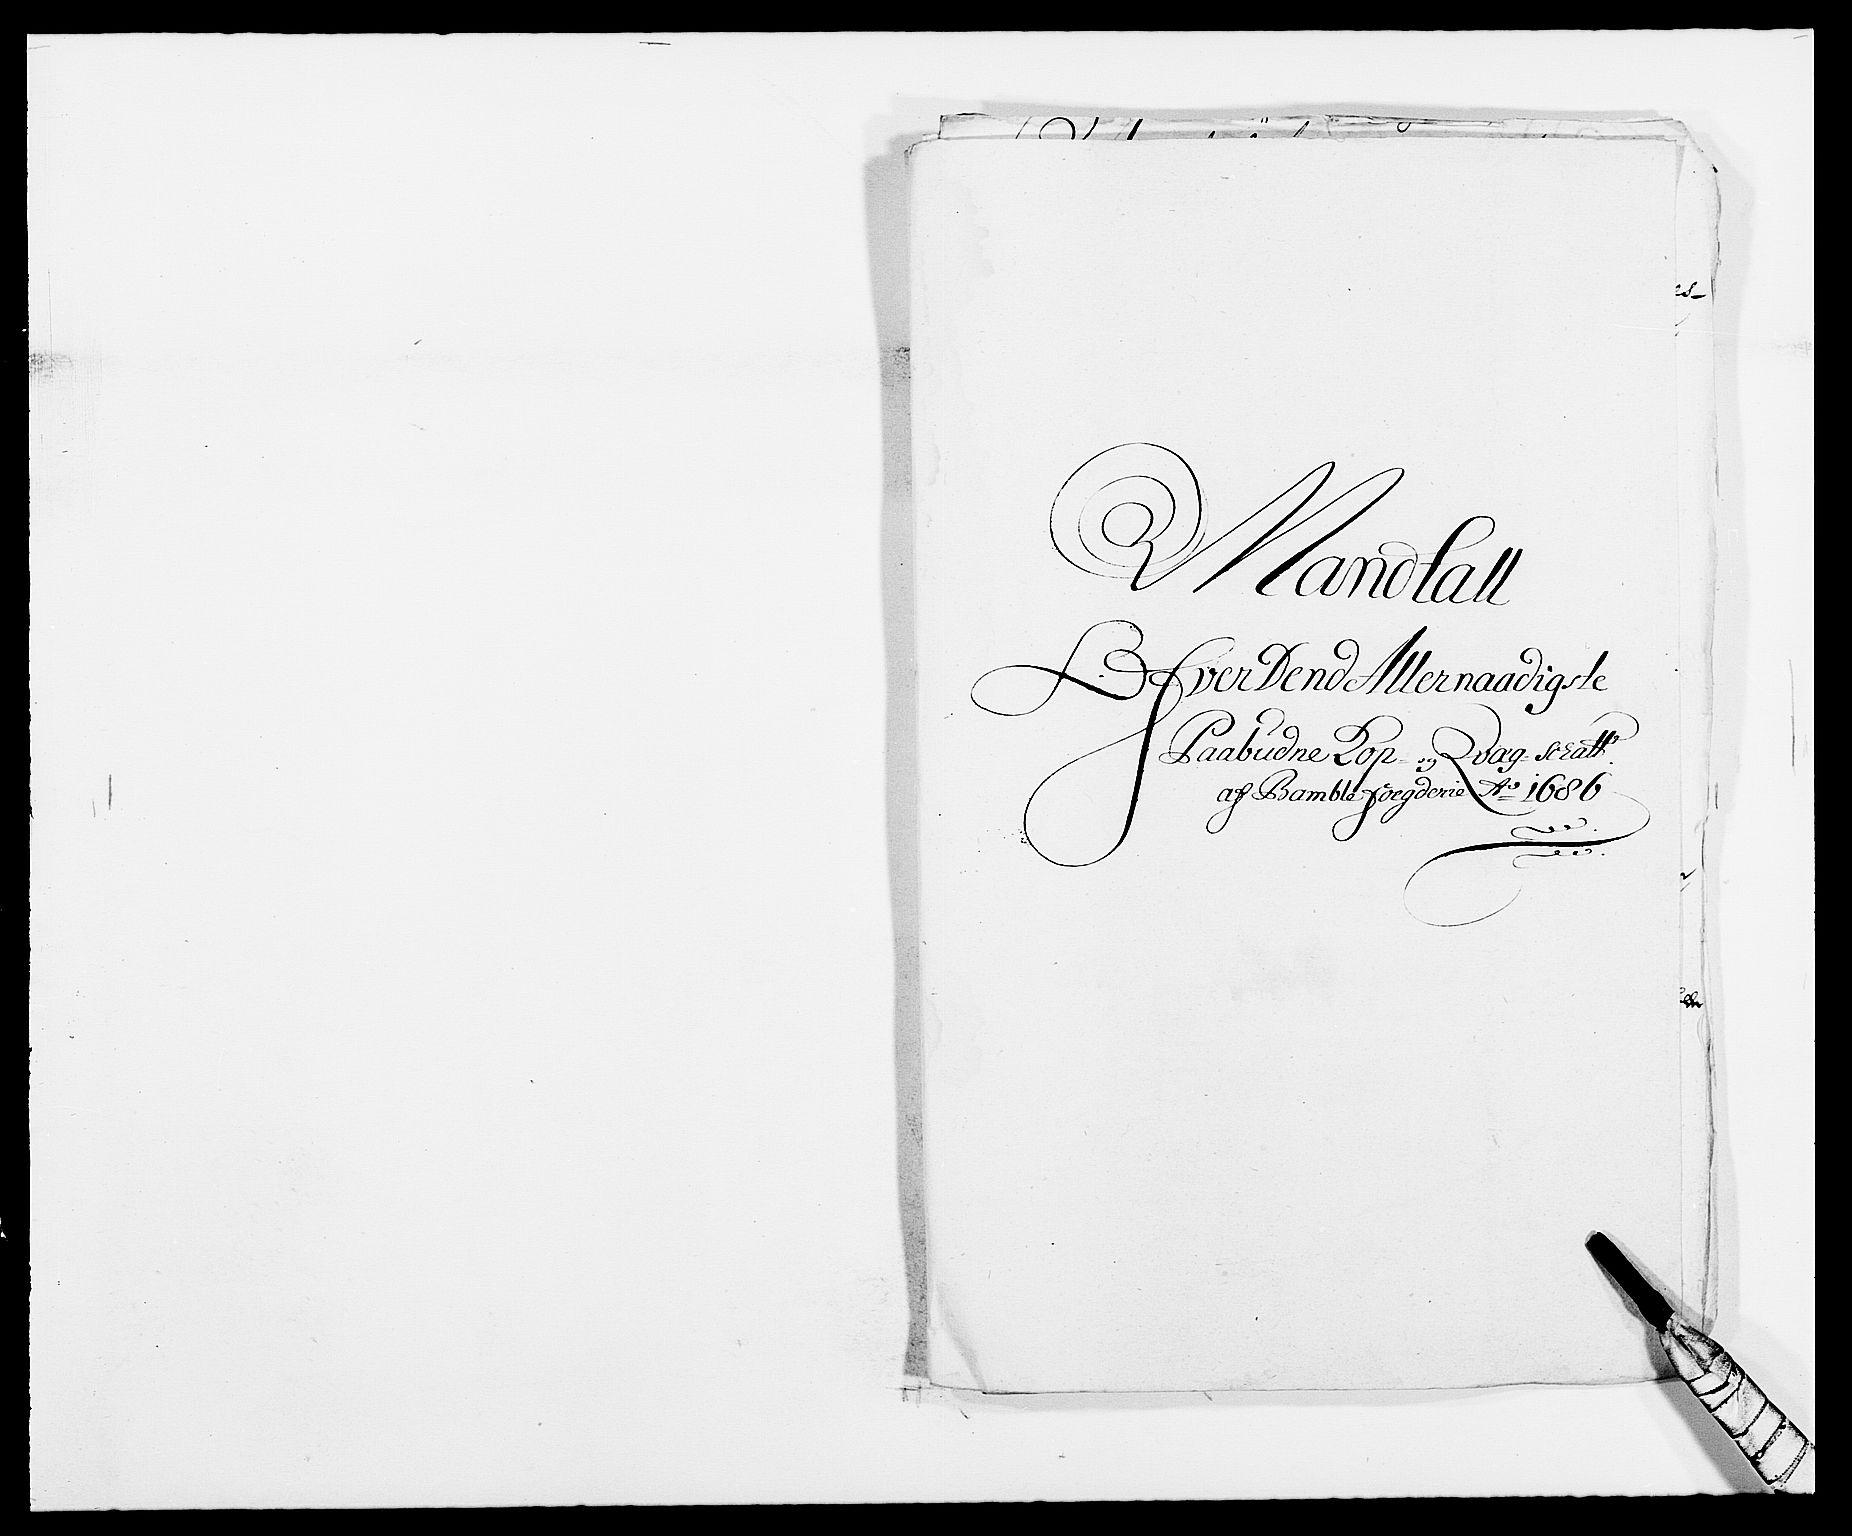 RA, Rentekammeret inntil 1814, Reviderte regnskaper, Fogderegnskap, R34/L2049: Fogderegnskap Bamble, 1685-1687, s. 151